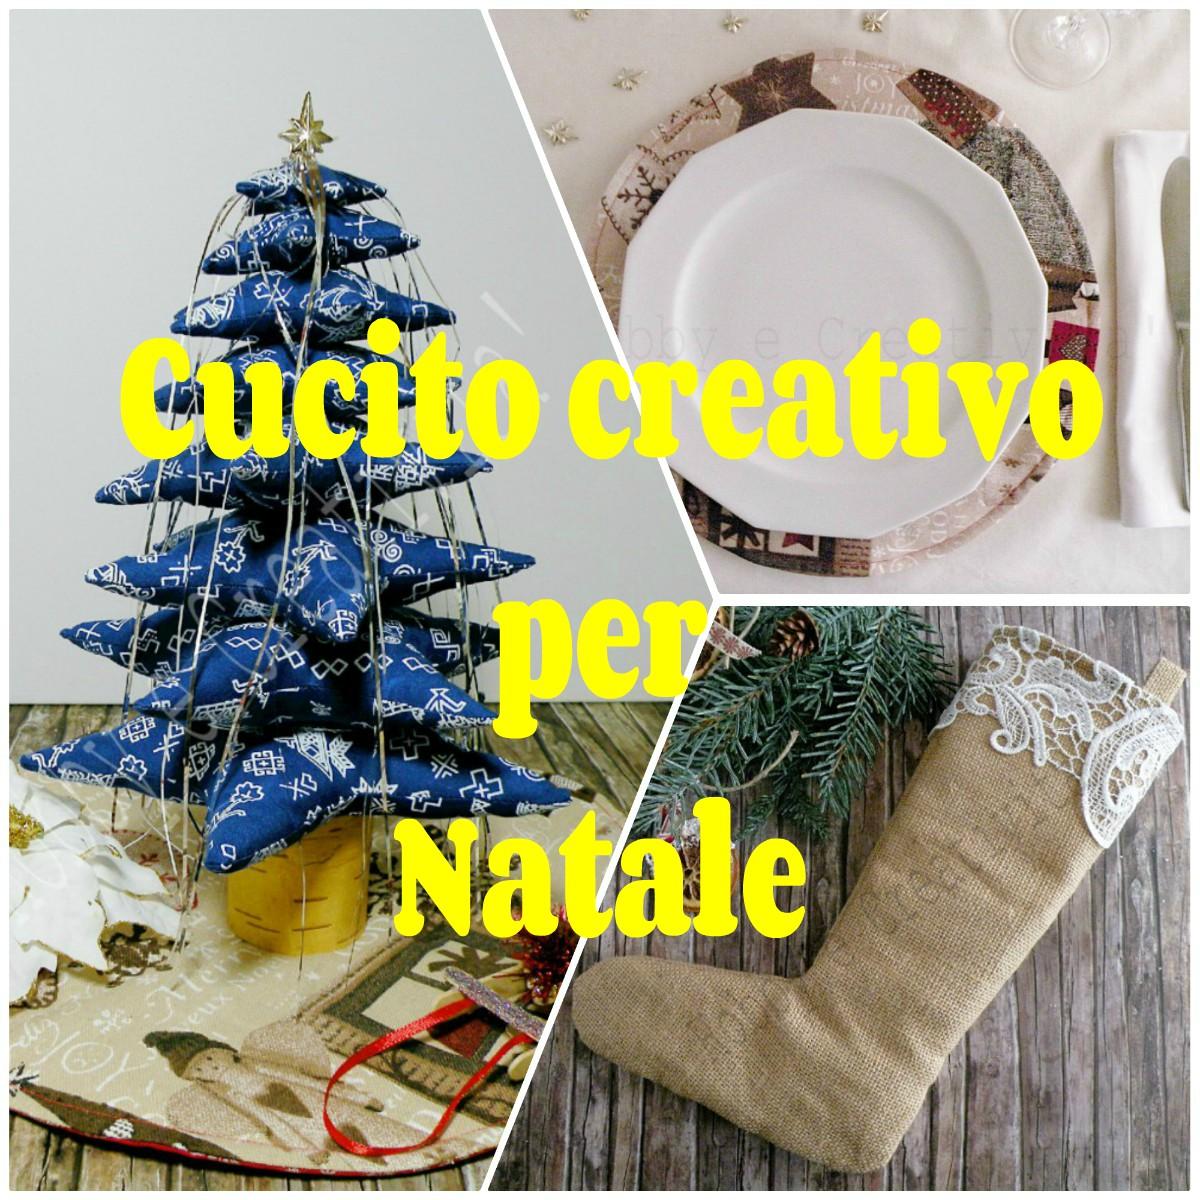 Cucito creativo per Natale - Idee - Hobby e Creatività